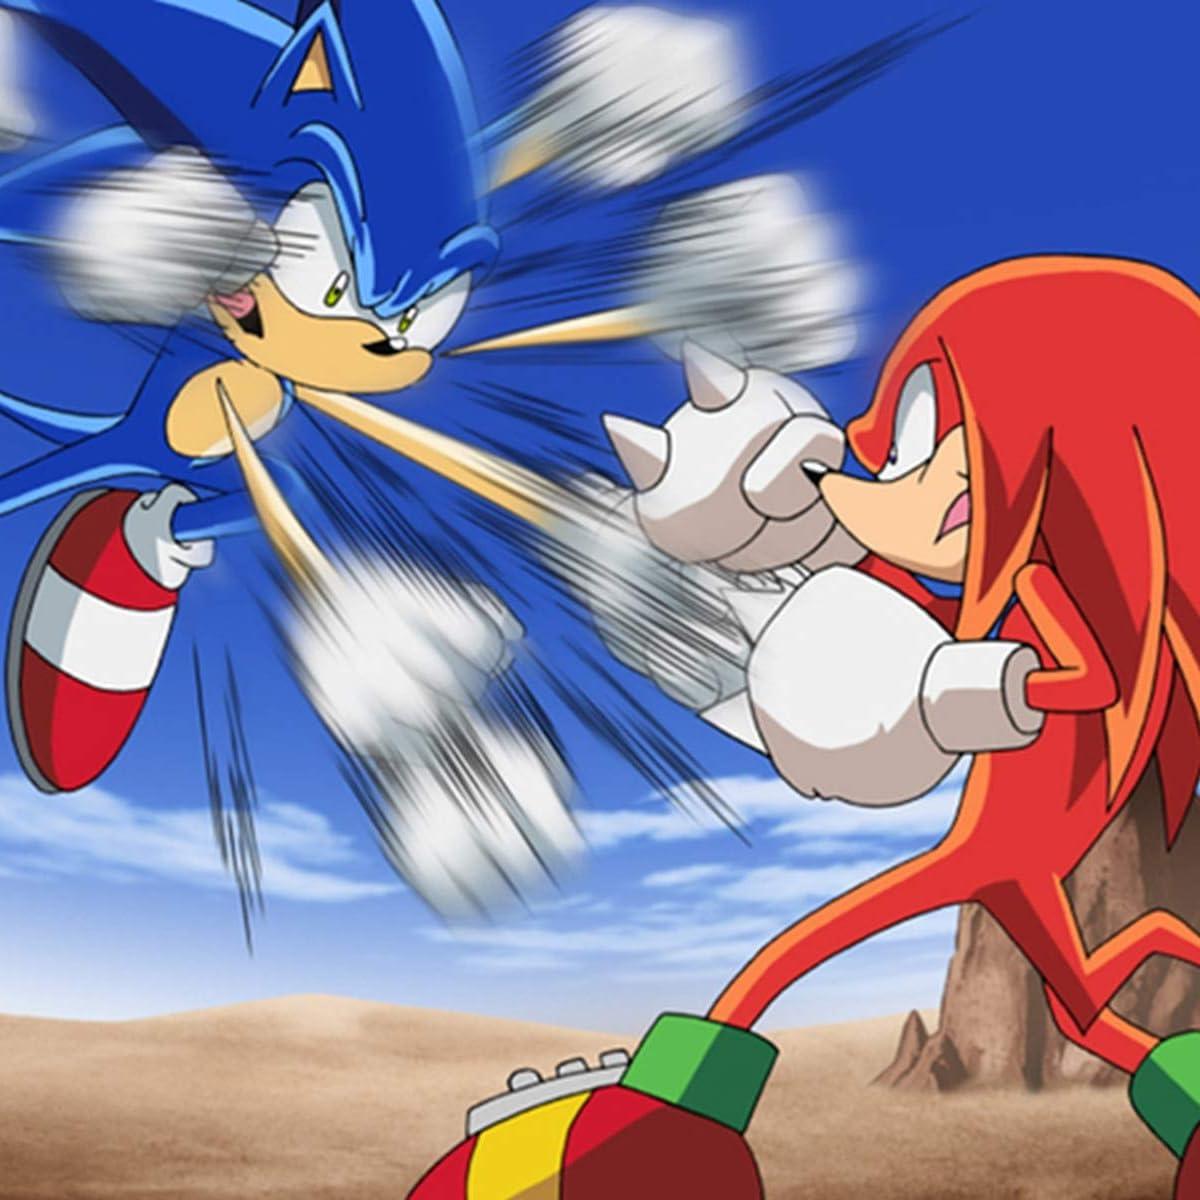 ソニック ザ ヘッジホッグ Sonic The Hedgehog Ipad壁紙 ソニック